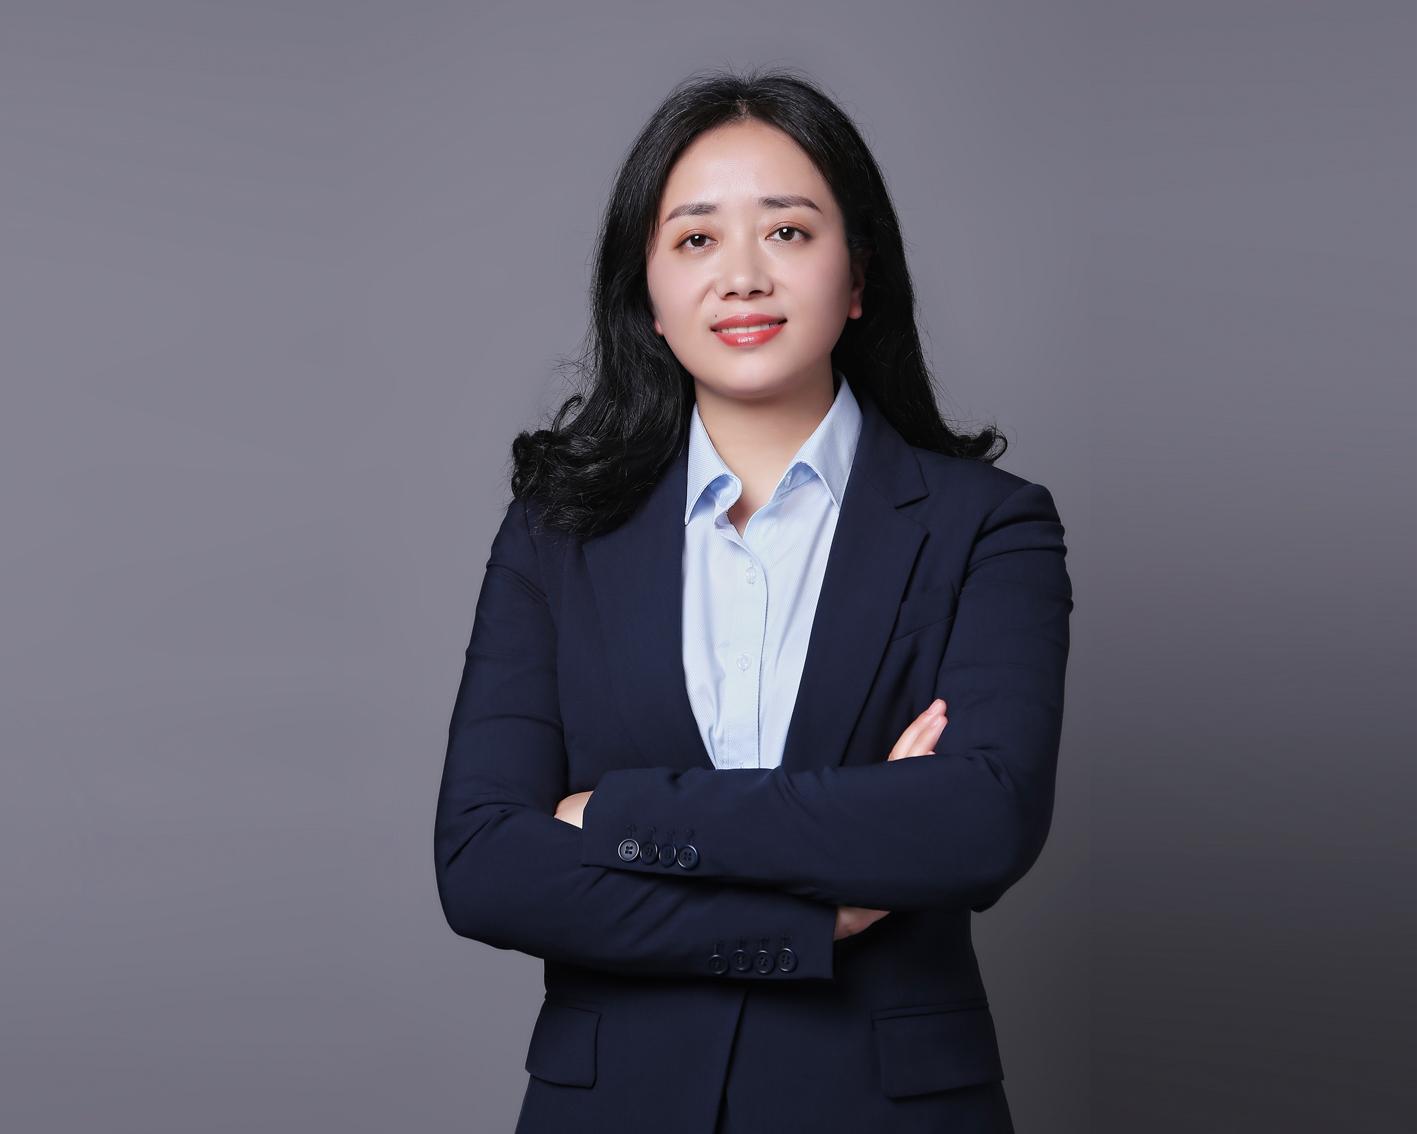 教授級高級工程師;華東理工大學&上海理工大學企業導師;專注于防爆、功能安全技術研究與應用。